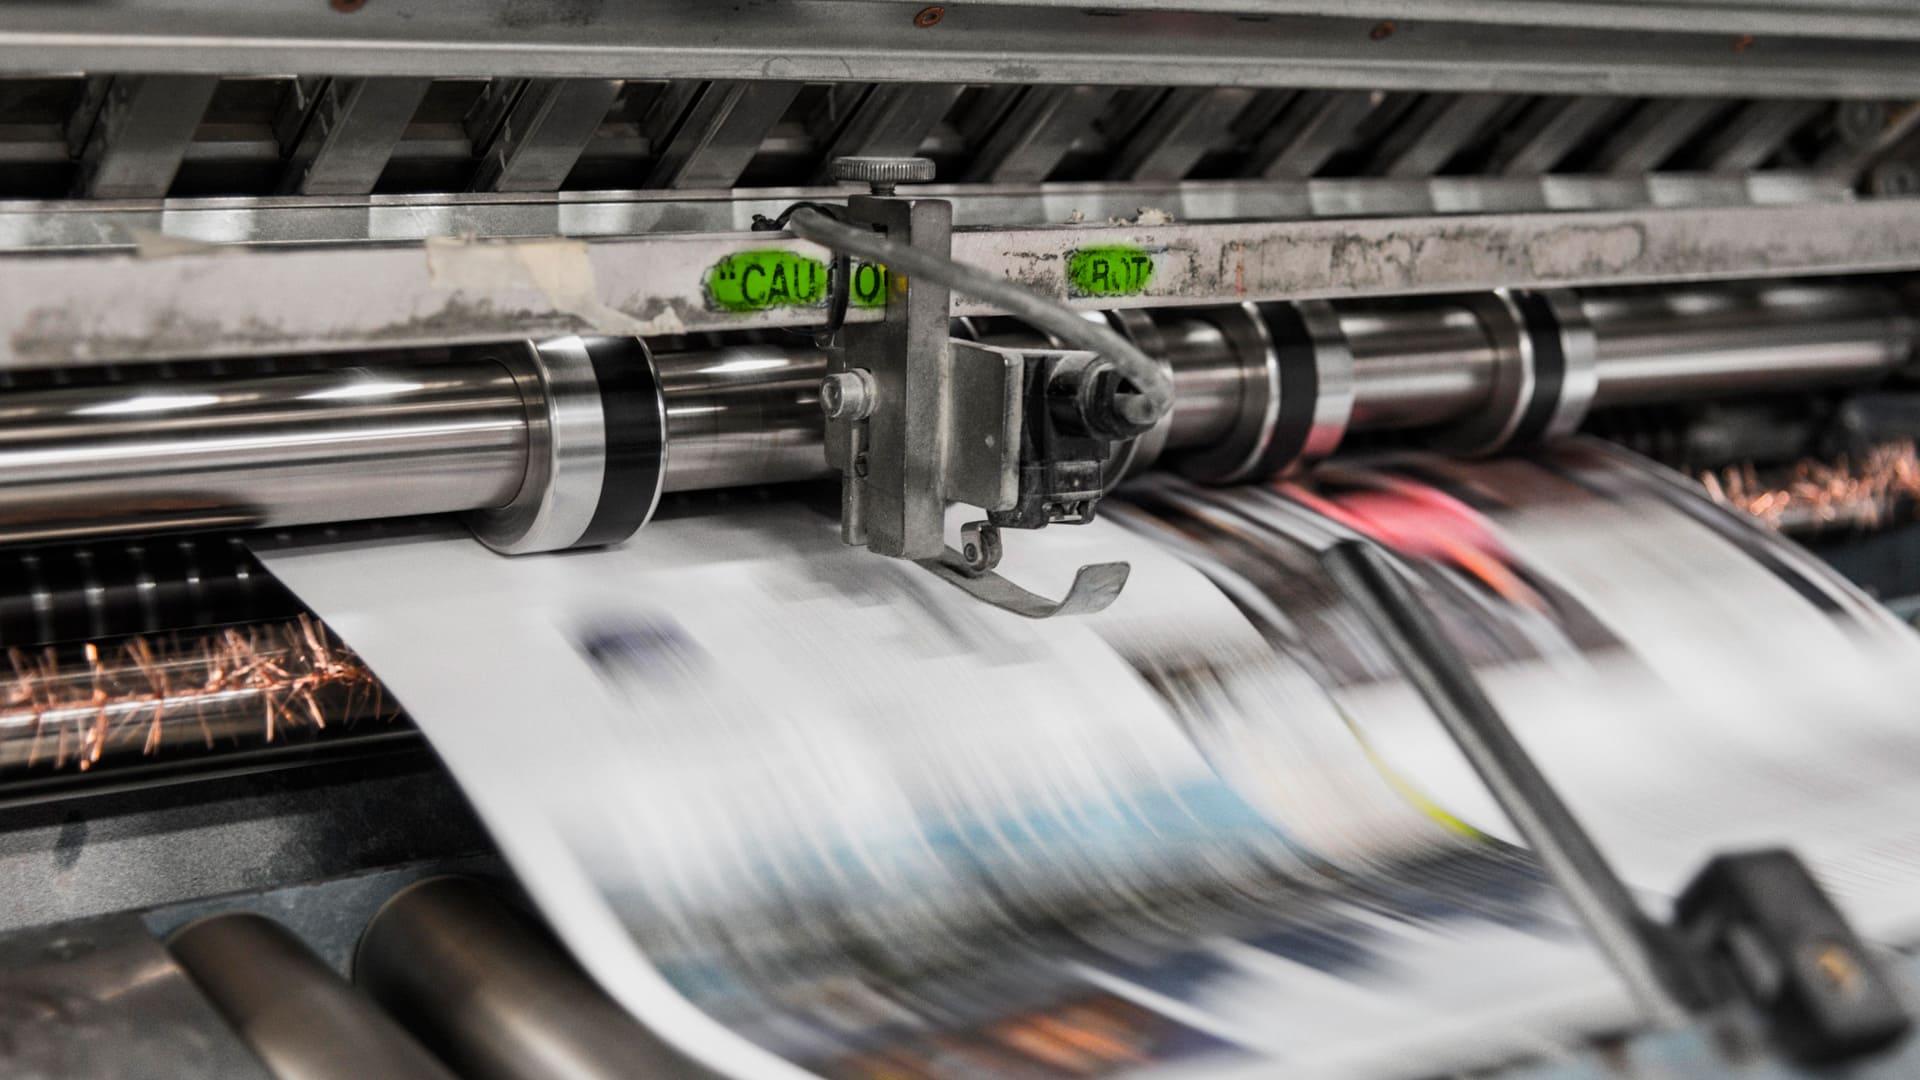 Notas de prensa: de la inutilidad al uso estratégico